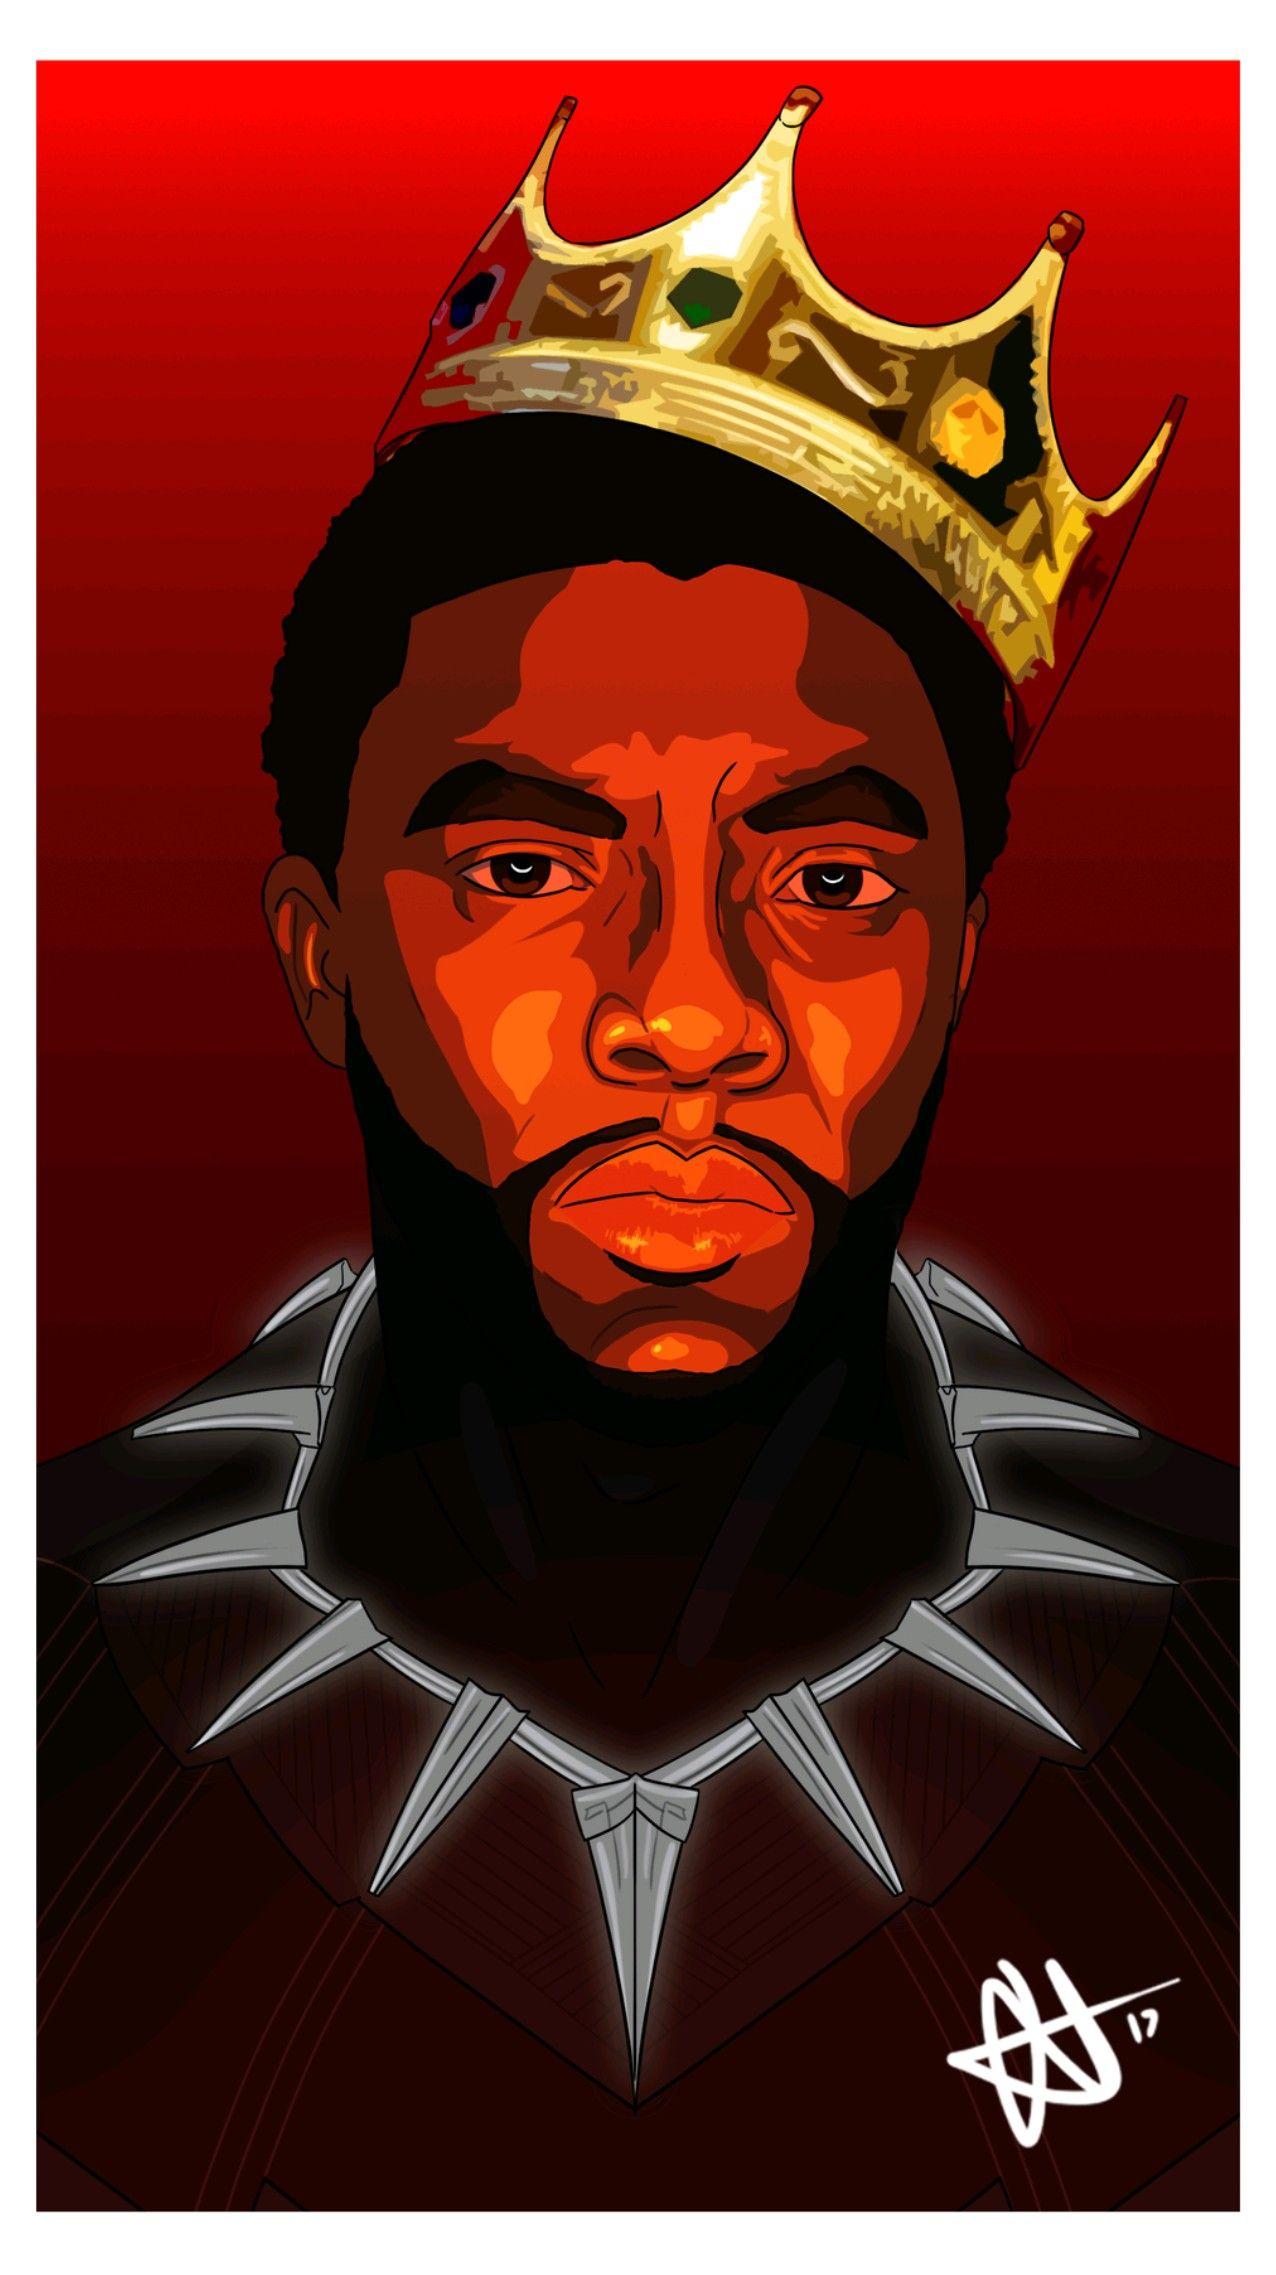 Crowned Mcu Black Panther Art Biggie Style Black Panther Art Panther Art Black Artwork